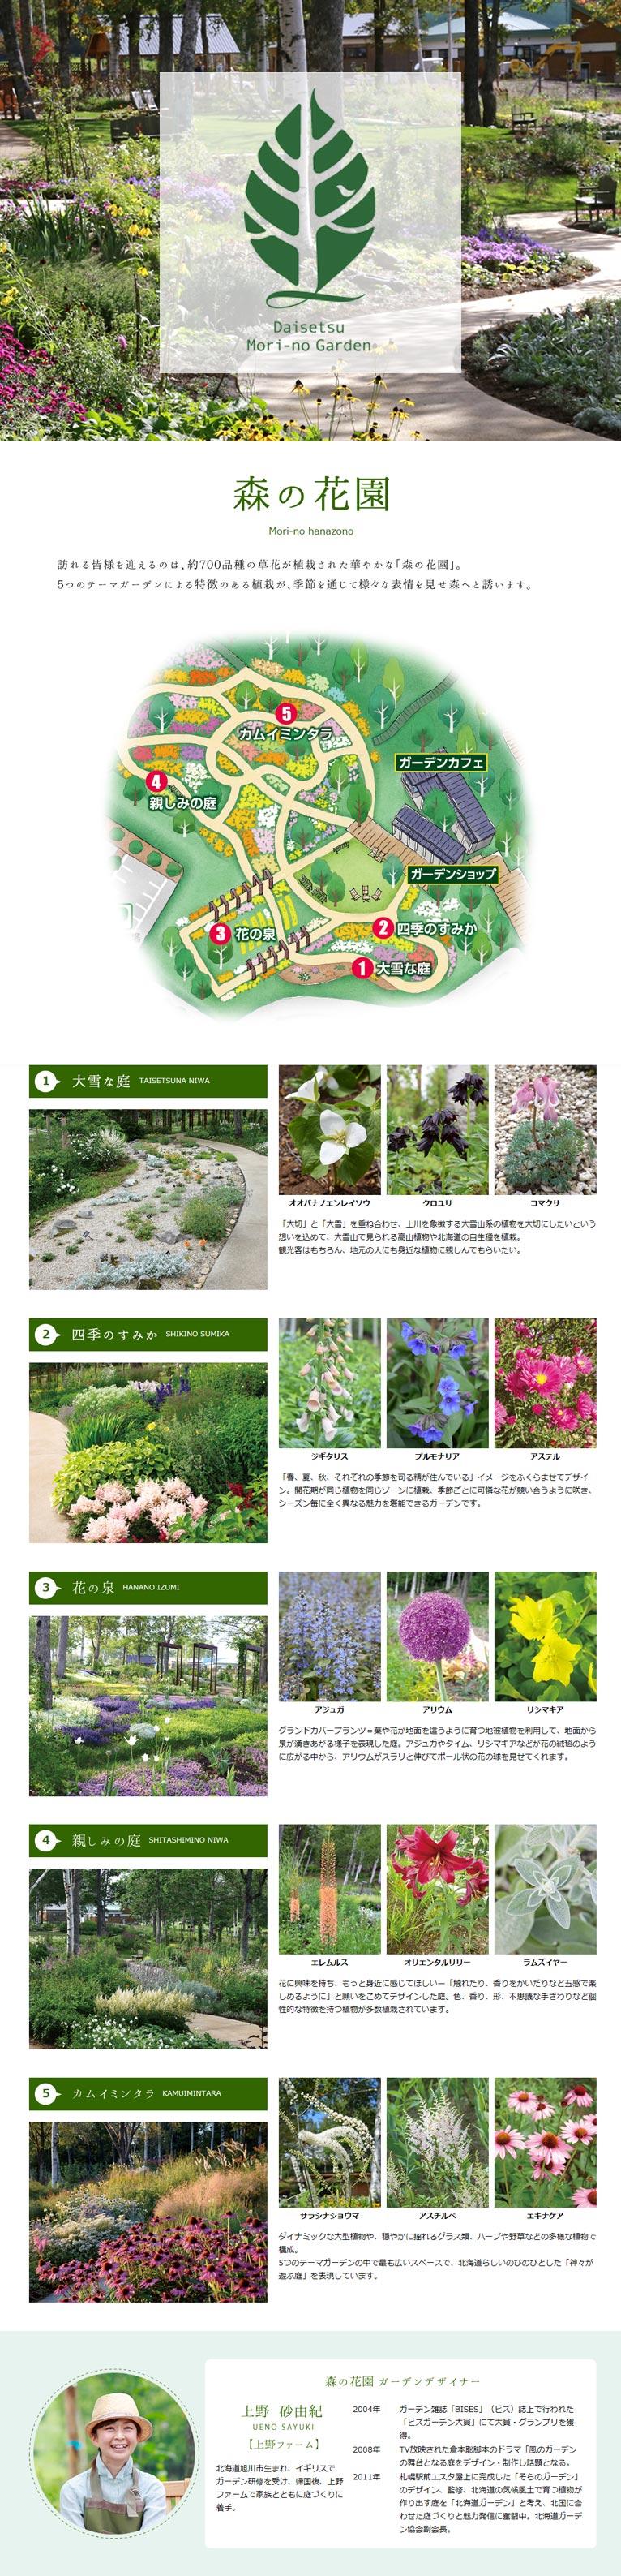 庭(ガーデン)の紹介 大雪森のガーデン 森の花園 訪れる皆様を迎えるのは、約700品種の草花が植栽された華やかな「森の花園」。5つのテーマガーデンによる特徴のある植栽が、季節を通じて様々な表情を見せ森へと誘います。